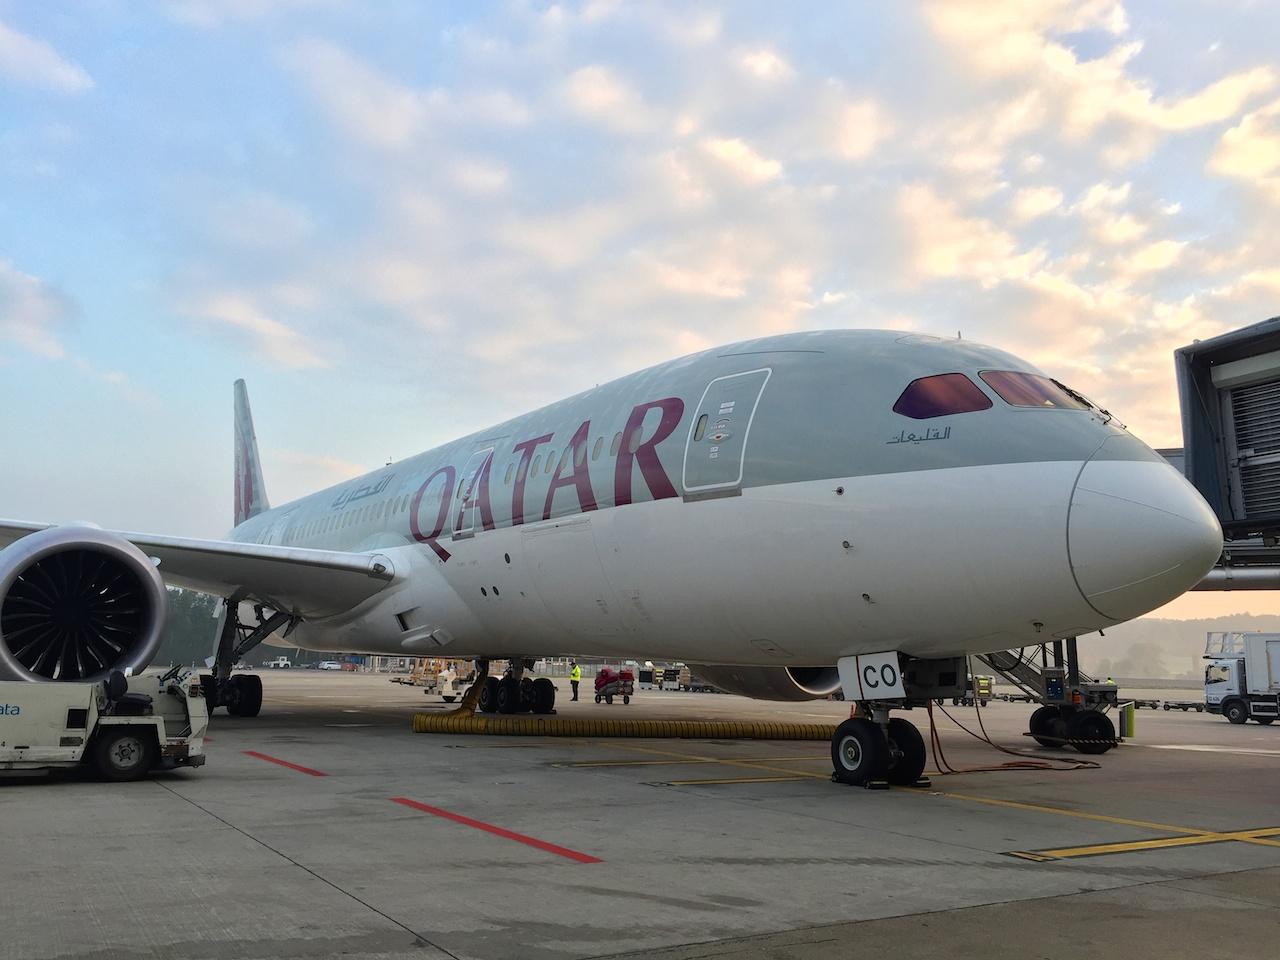 Qatar Airways Boeing 787 Dreamliner am Flughafen Zürich